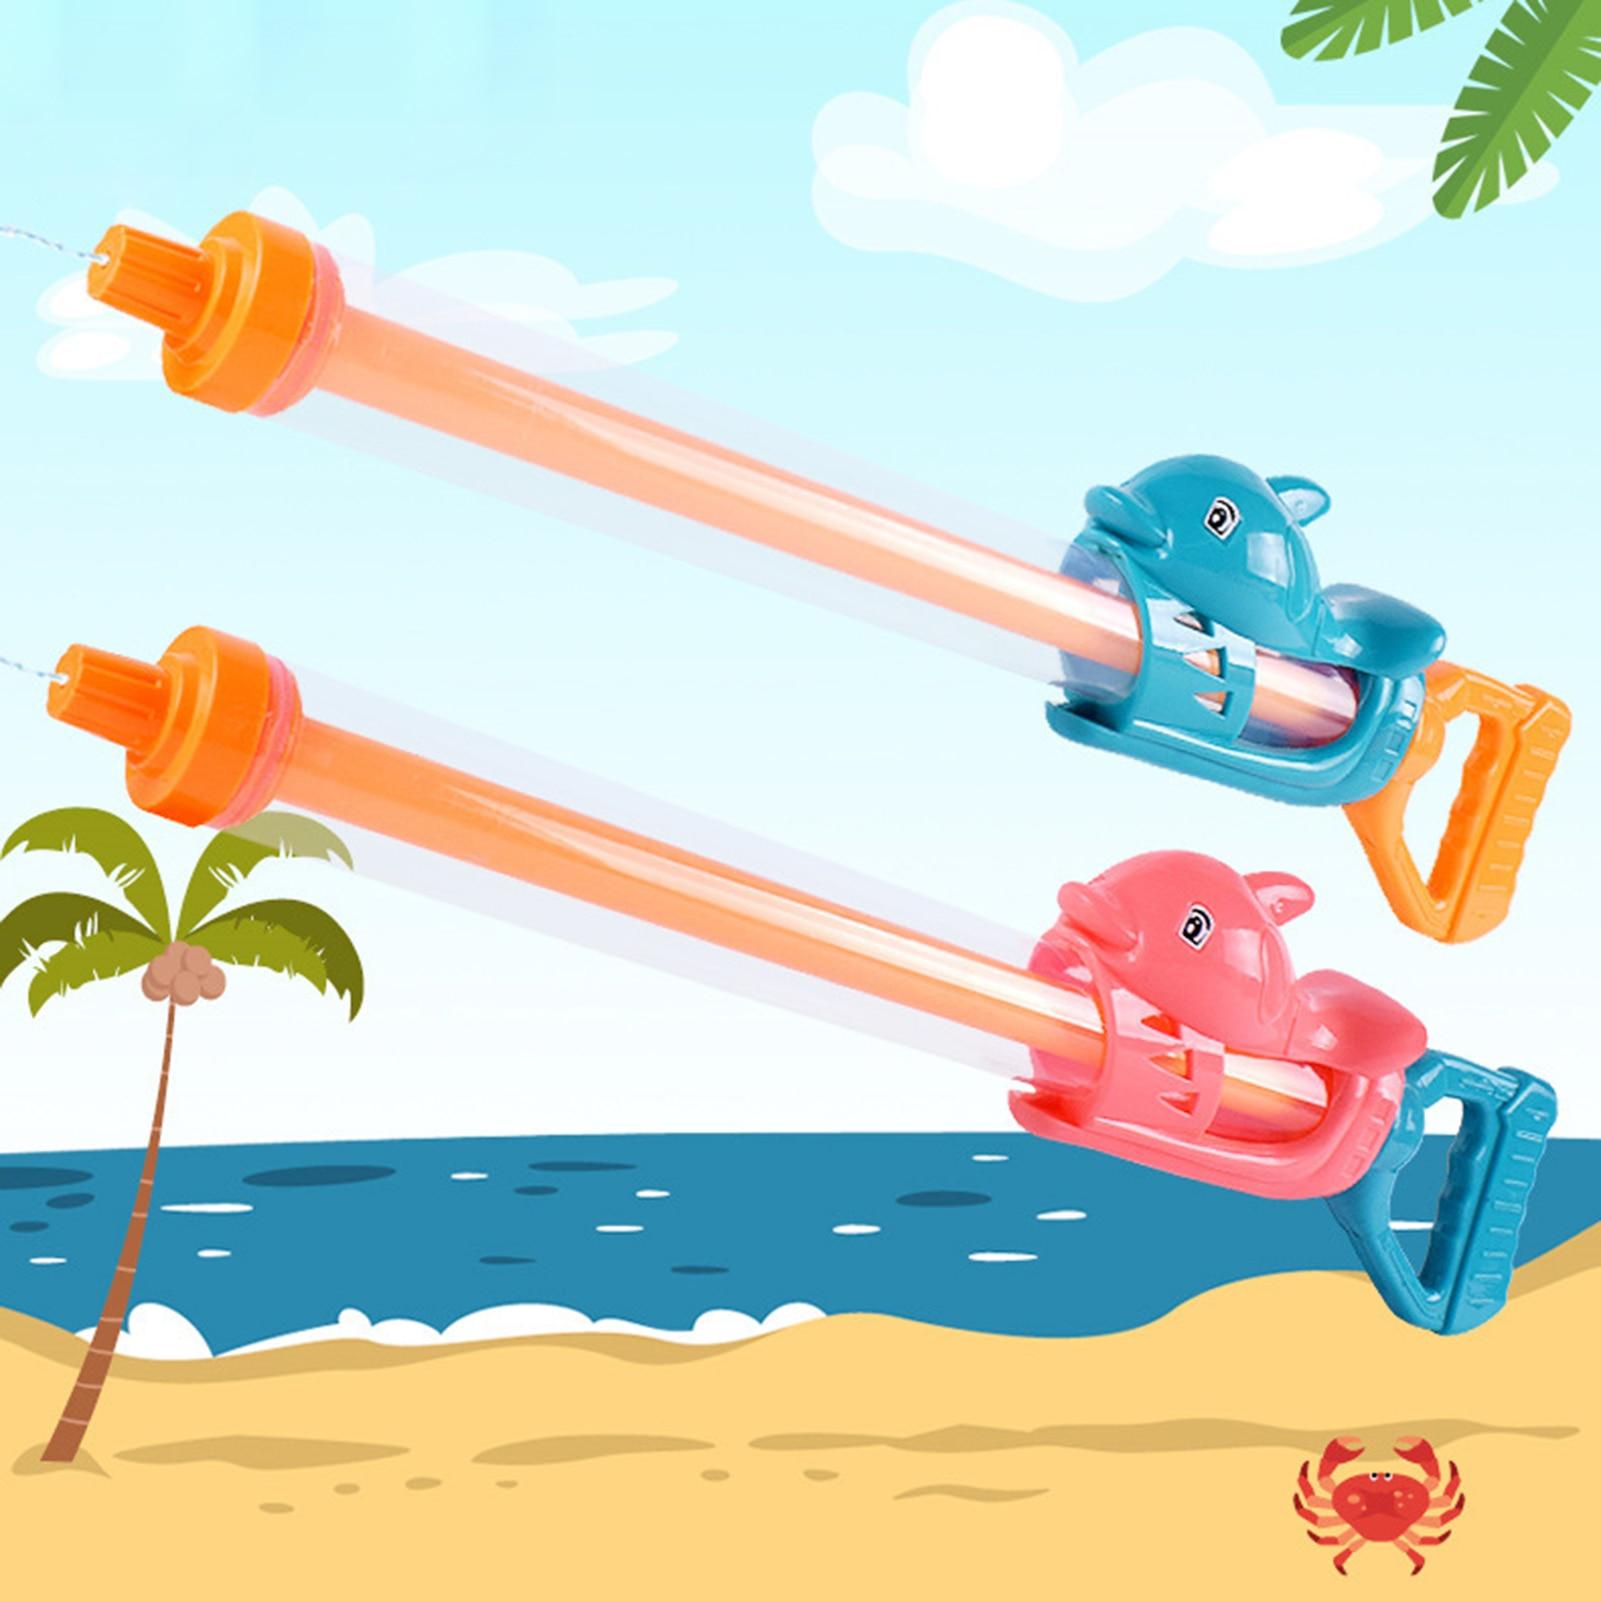 Летние Водные пистолеты, игрушечные Водяные Пистолеты, Водяные Пистолеты для игр, пистолет-распылитель для бассейна, пляжа, водяной пистоле...